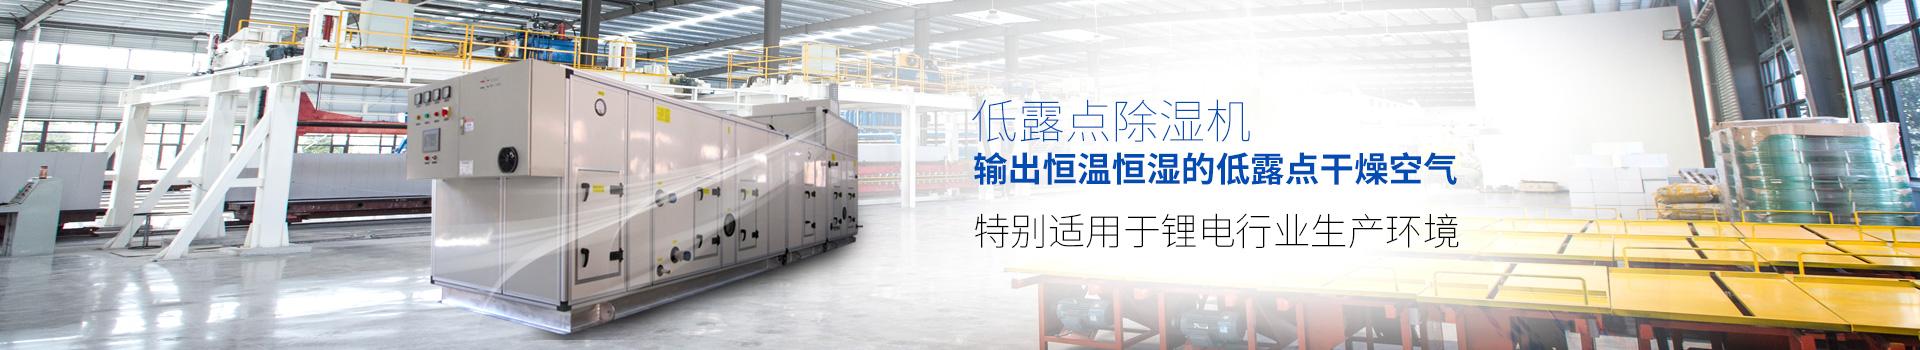 低露点除湿机,输出恒温恒湿的低露点干燥空气,特别适用于锂电行业生产环境